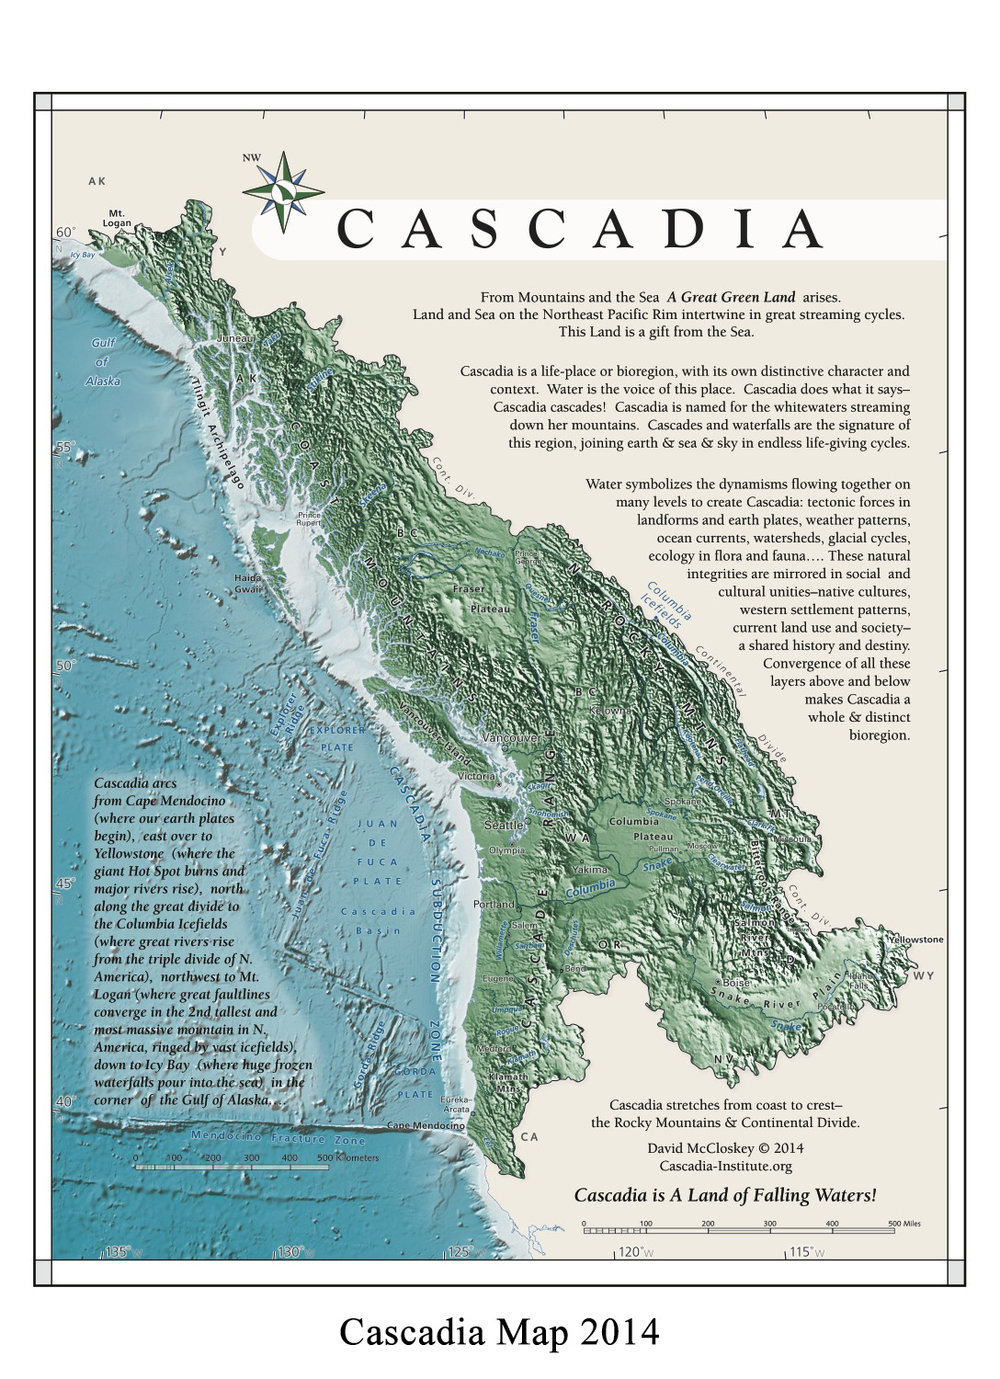 Cascadia Institute Map